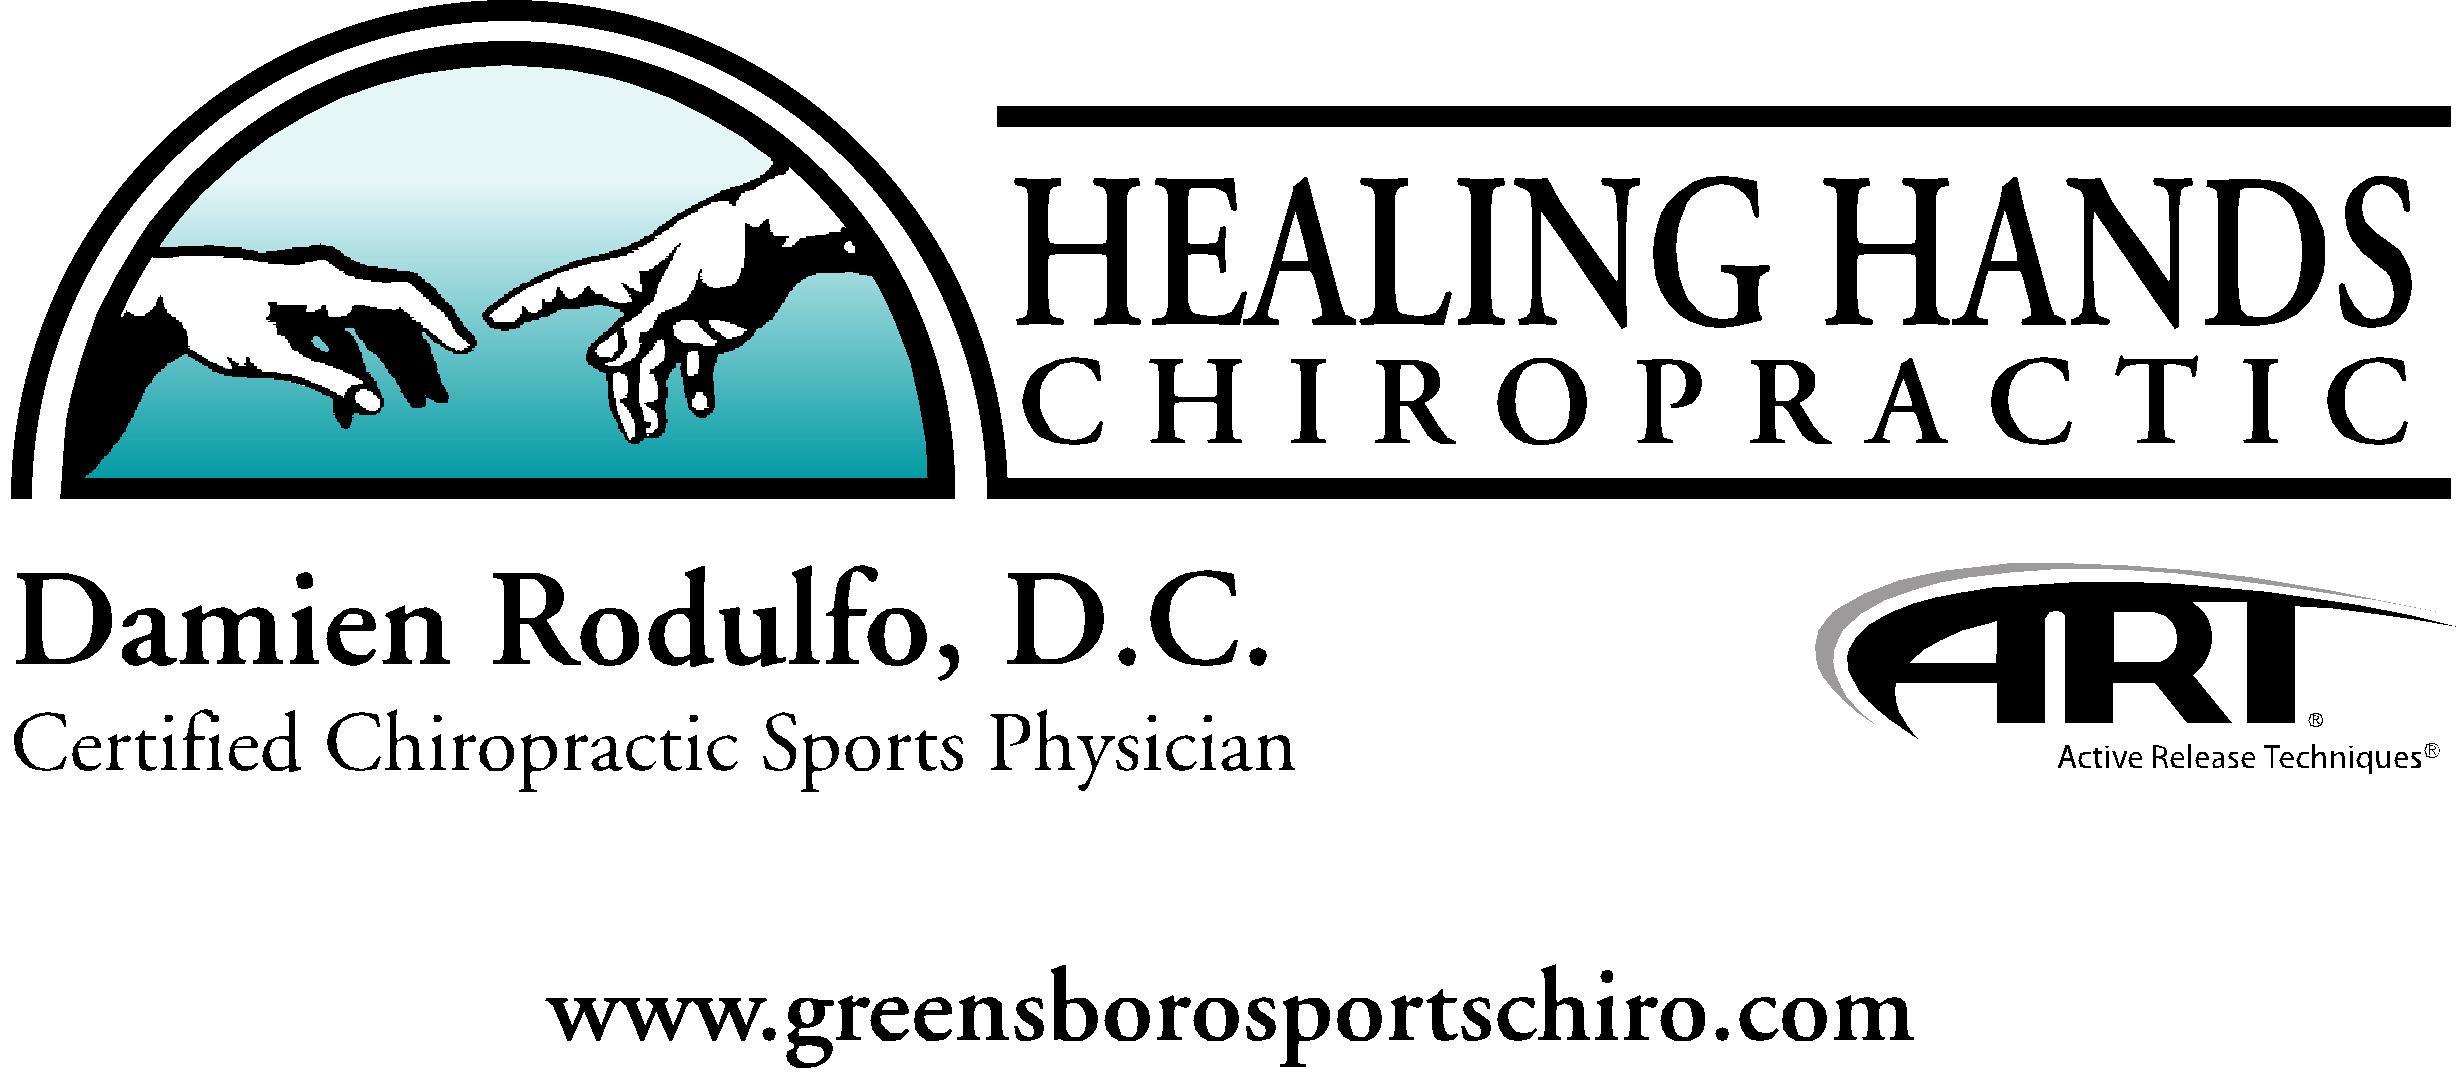 Healing Hands Chiropractic Wellness Provider